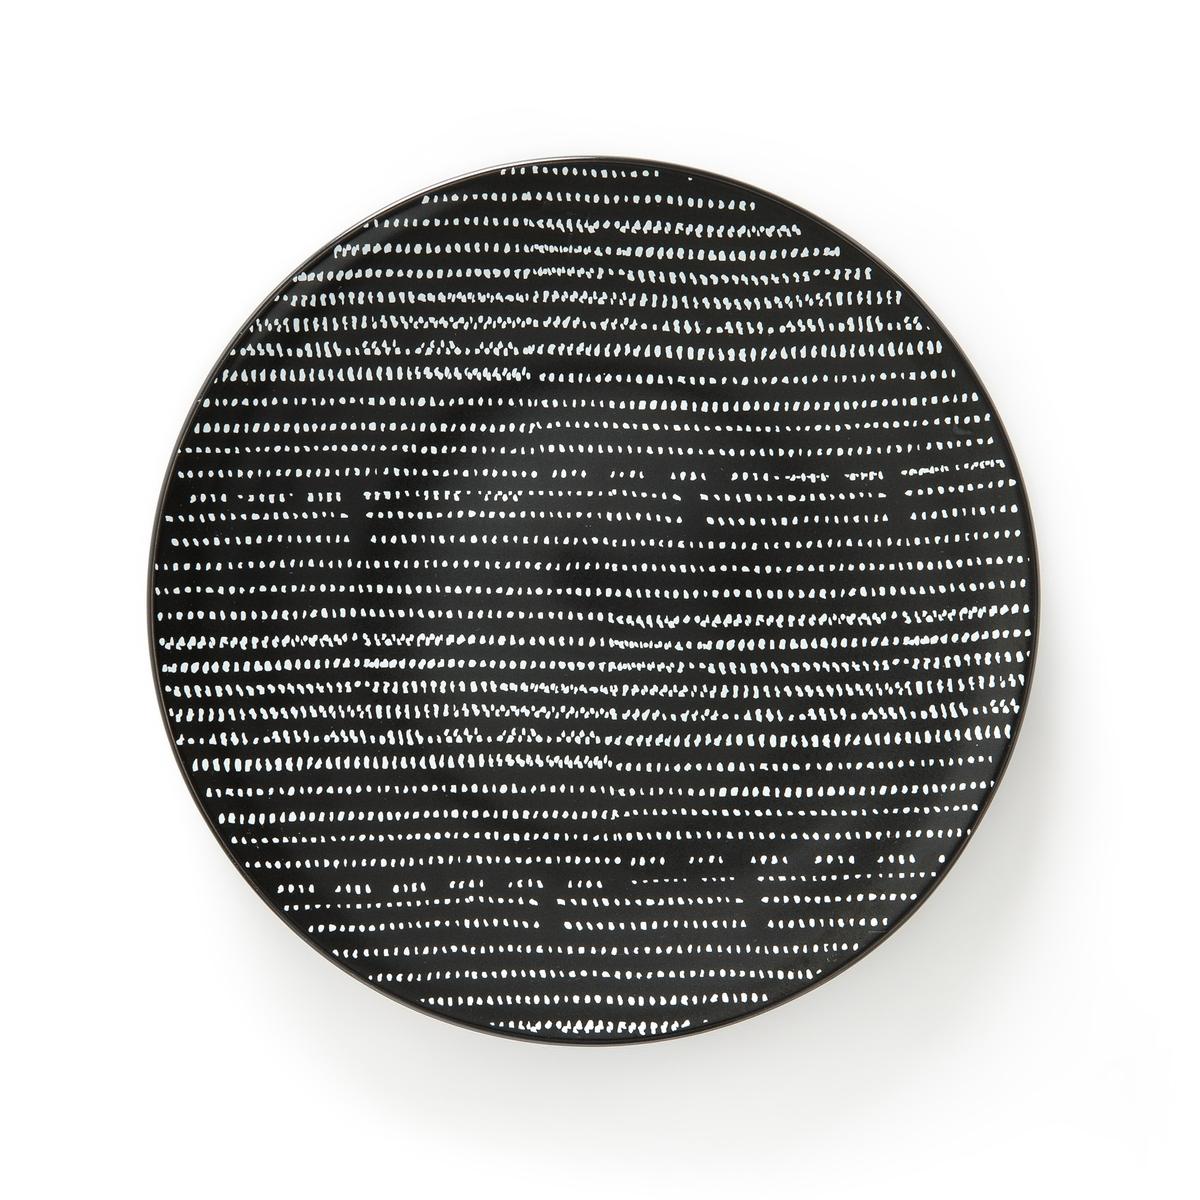 4 плоские тарелки из керамикиTADSIT